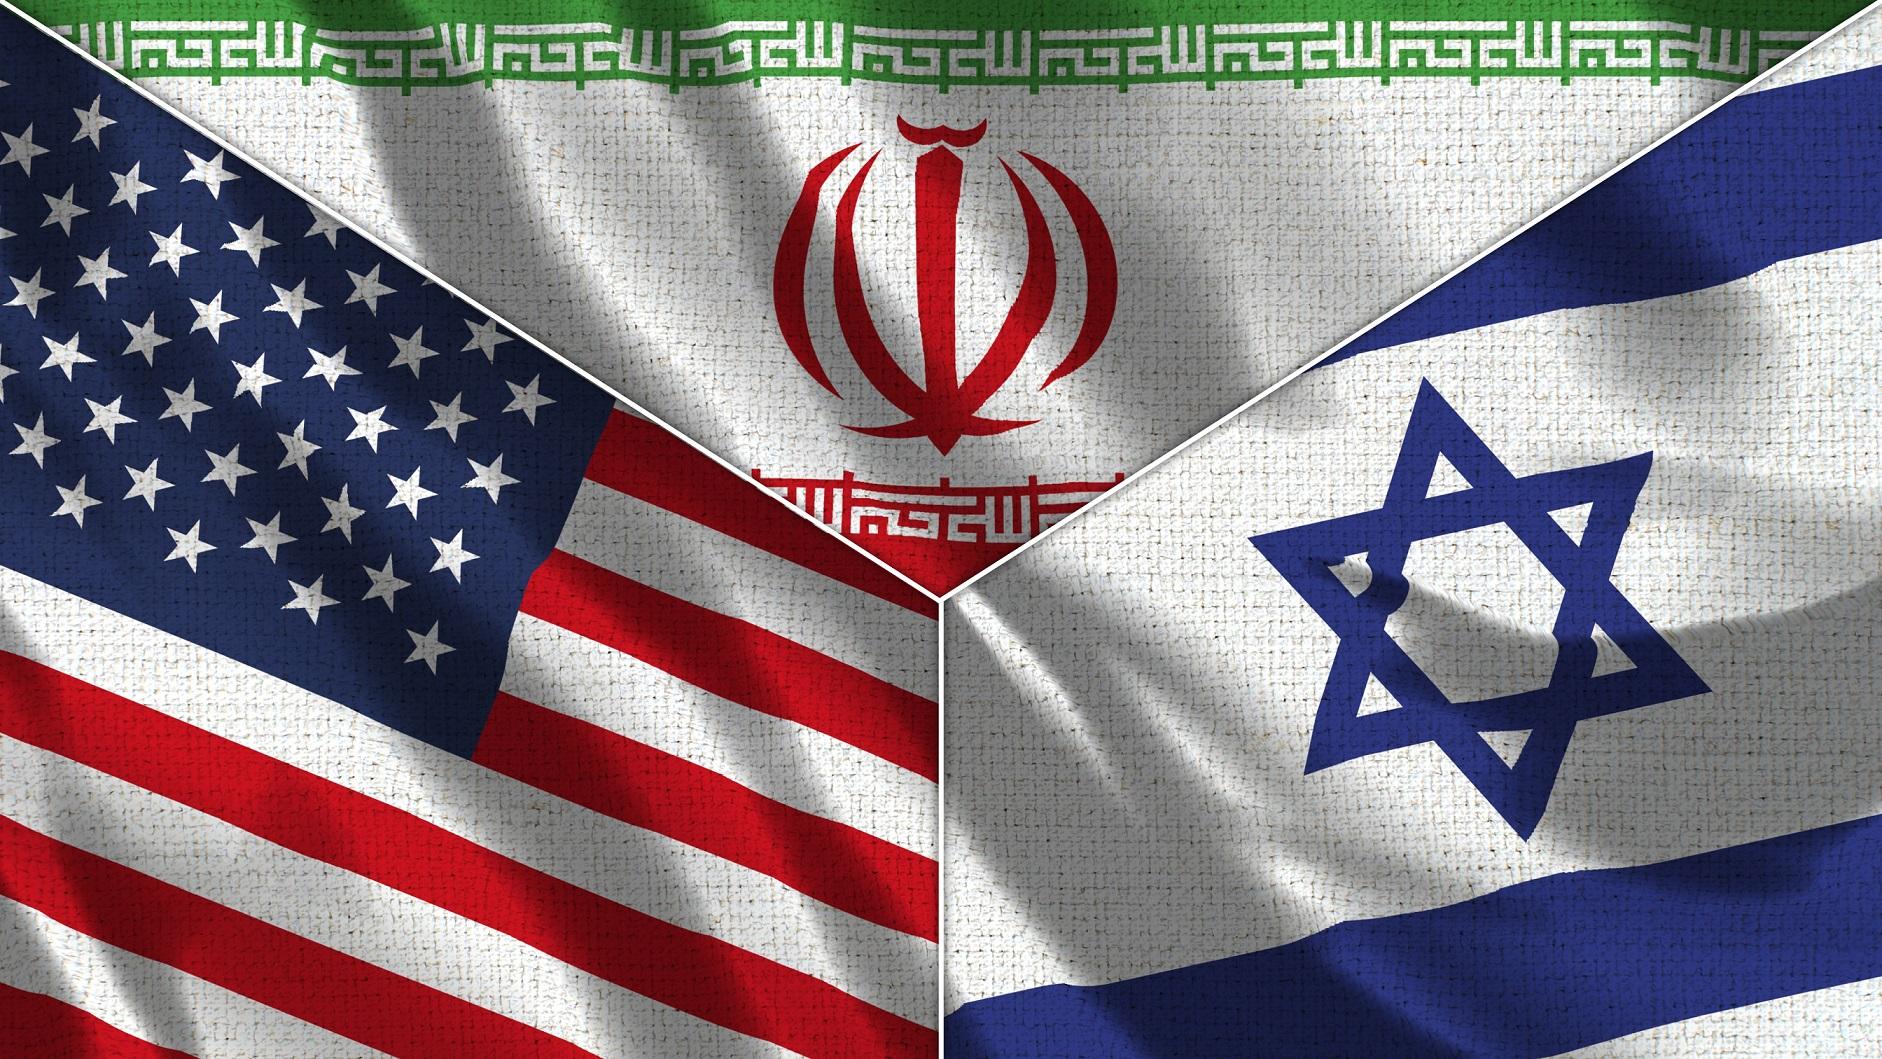 تقول إيران إن المناقشات حول الملف النووي ستستأنف قريباً